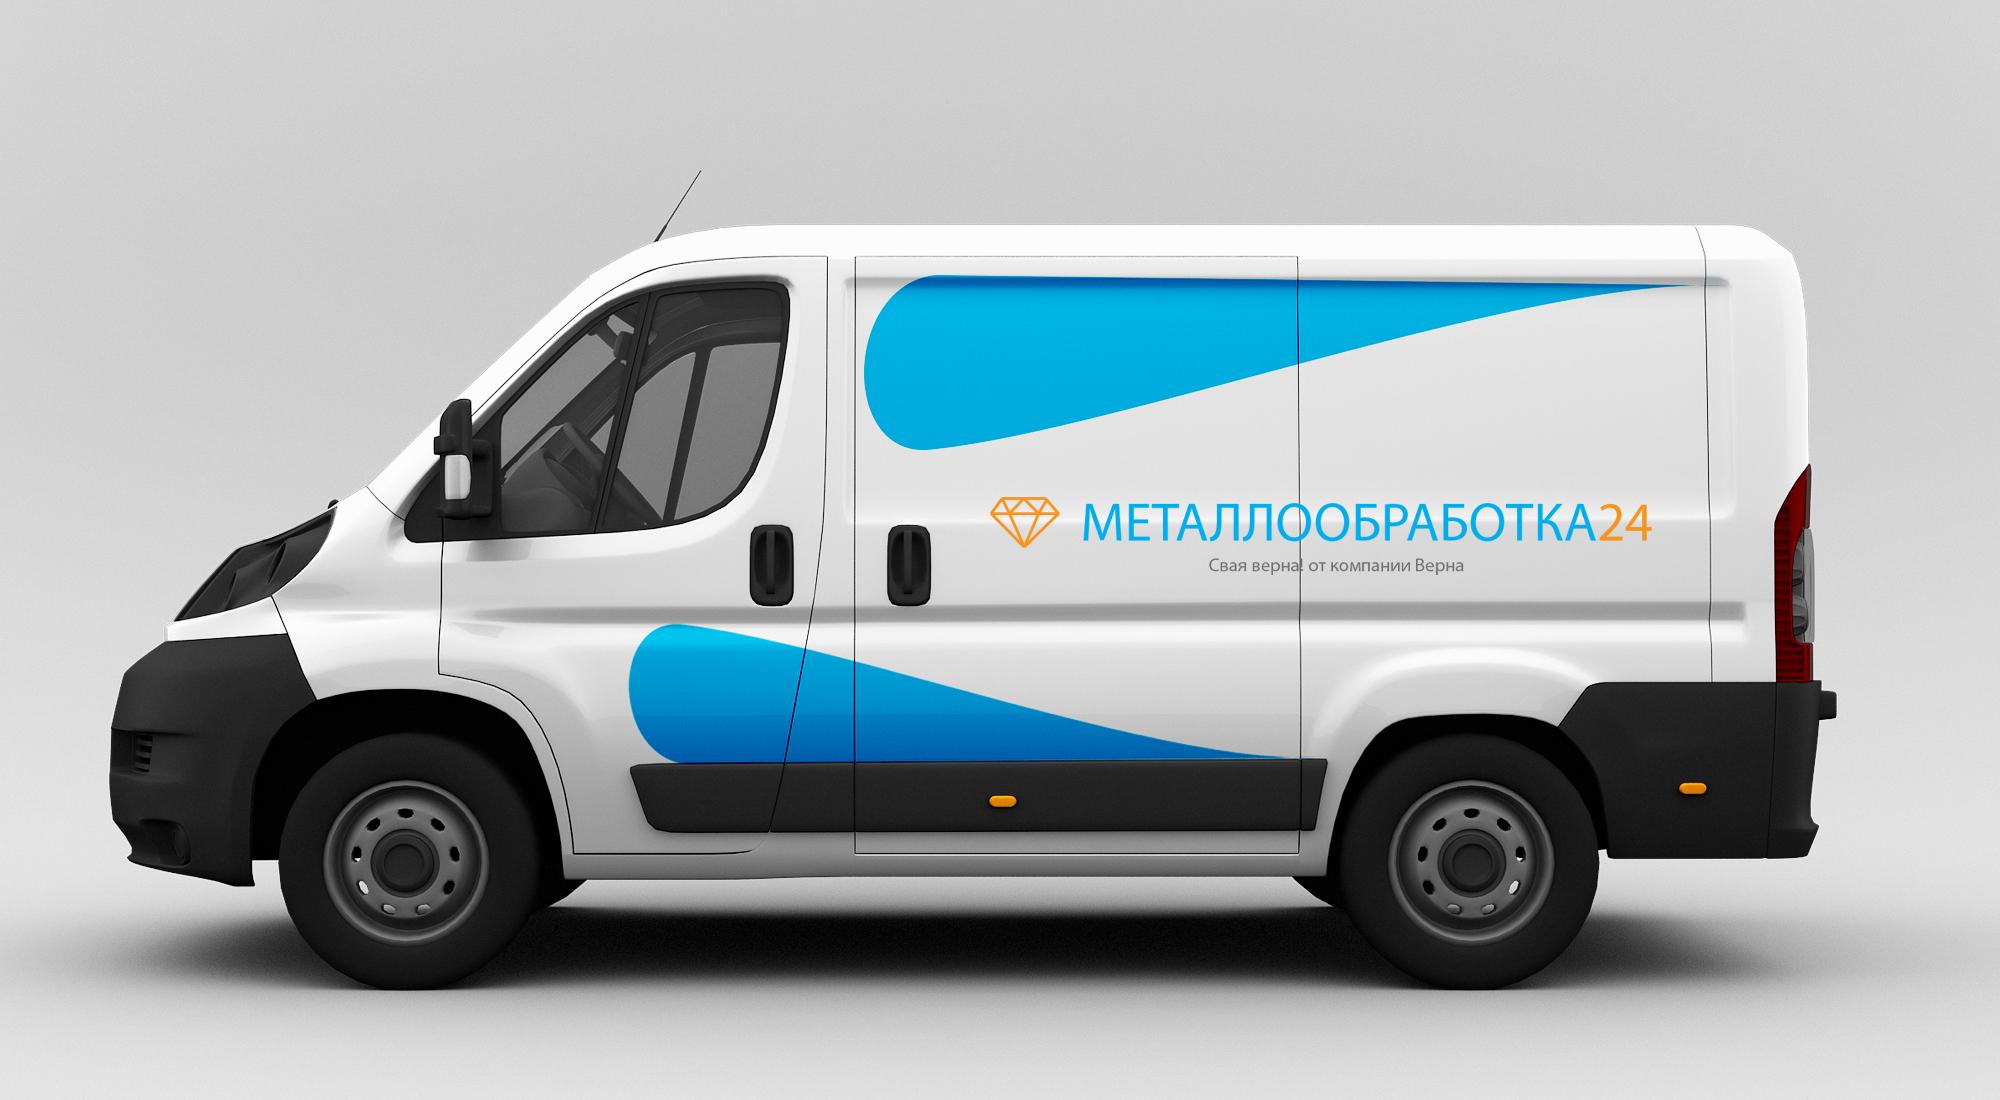 """Фирменный стиль для компании """"Металлообработка 24"""" Служебная машина"""